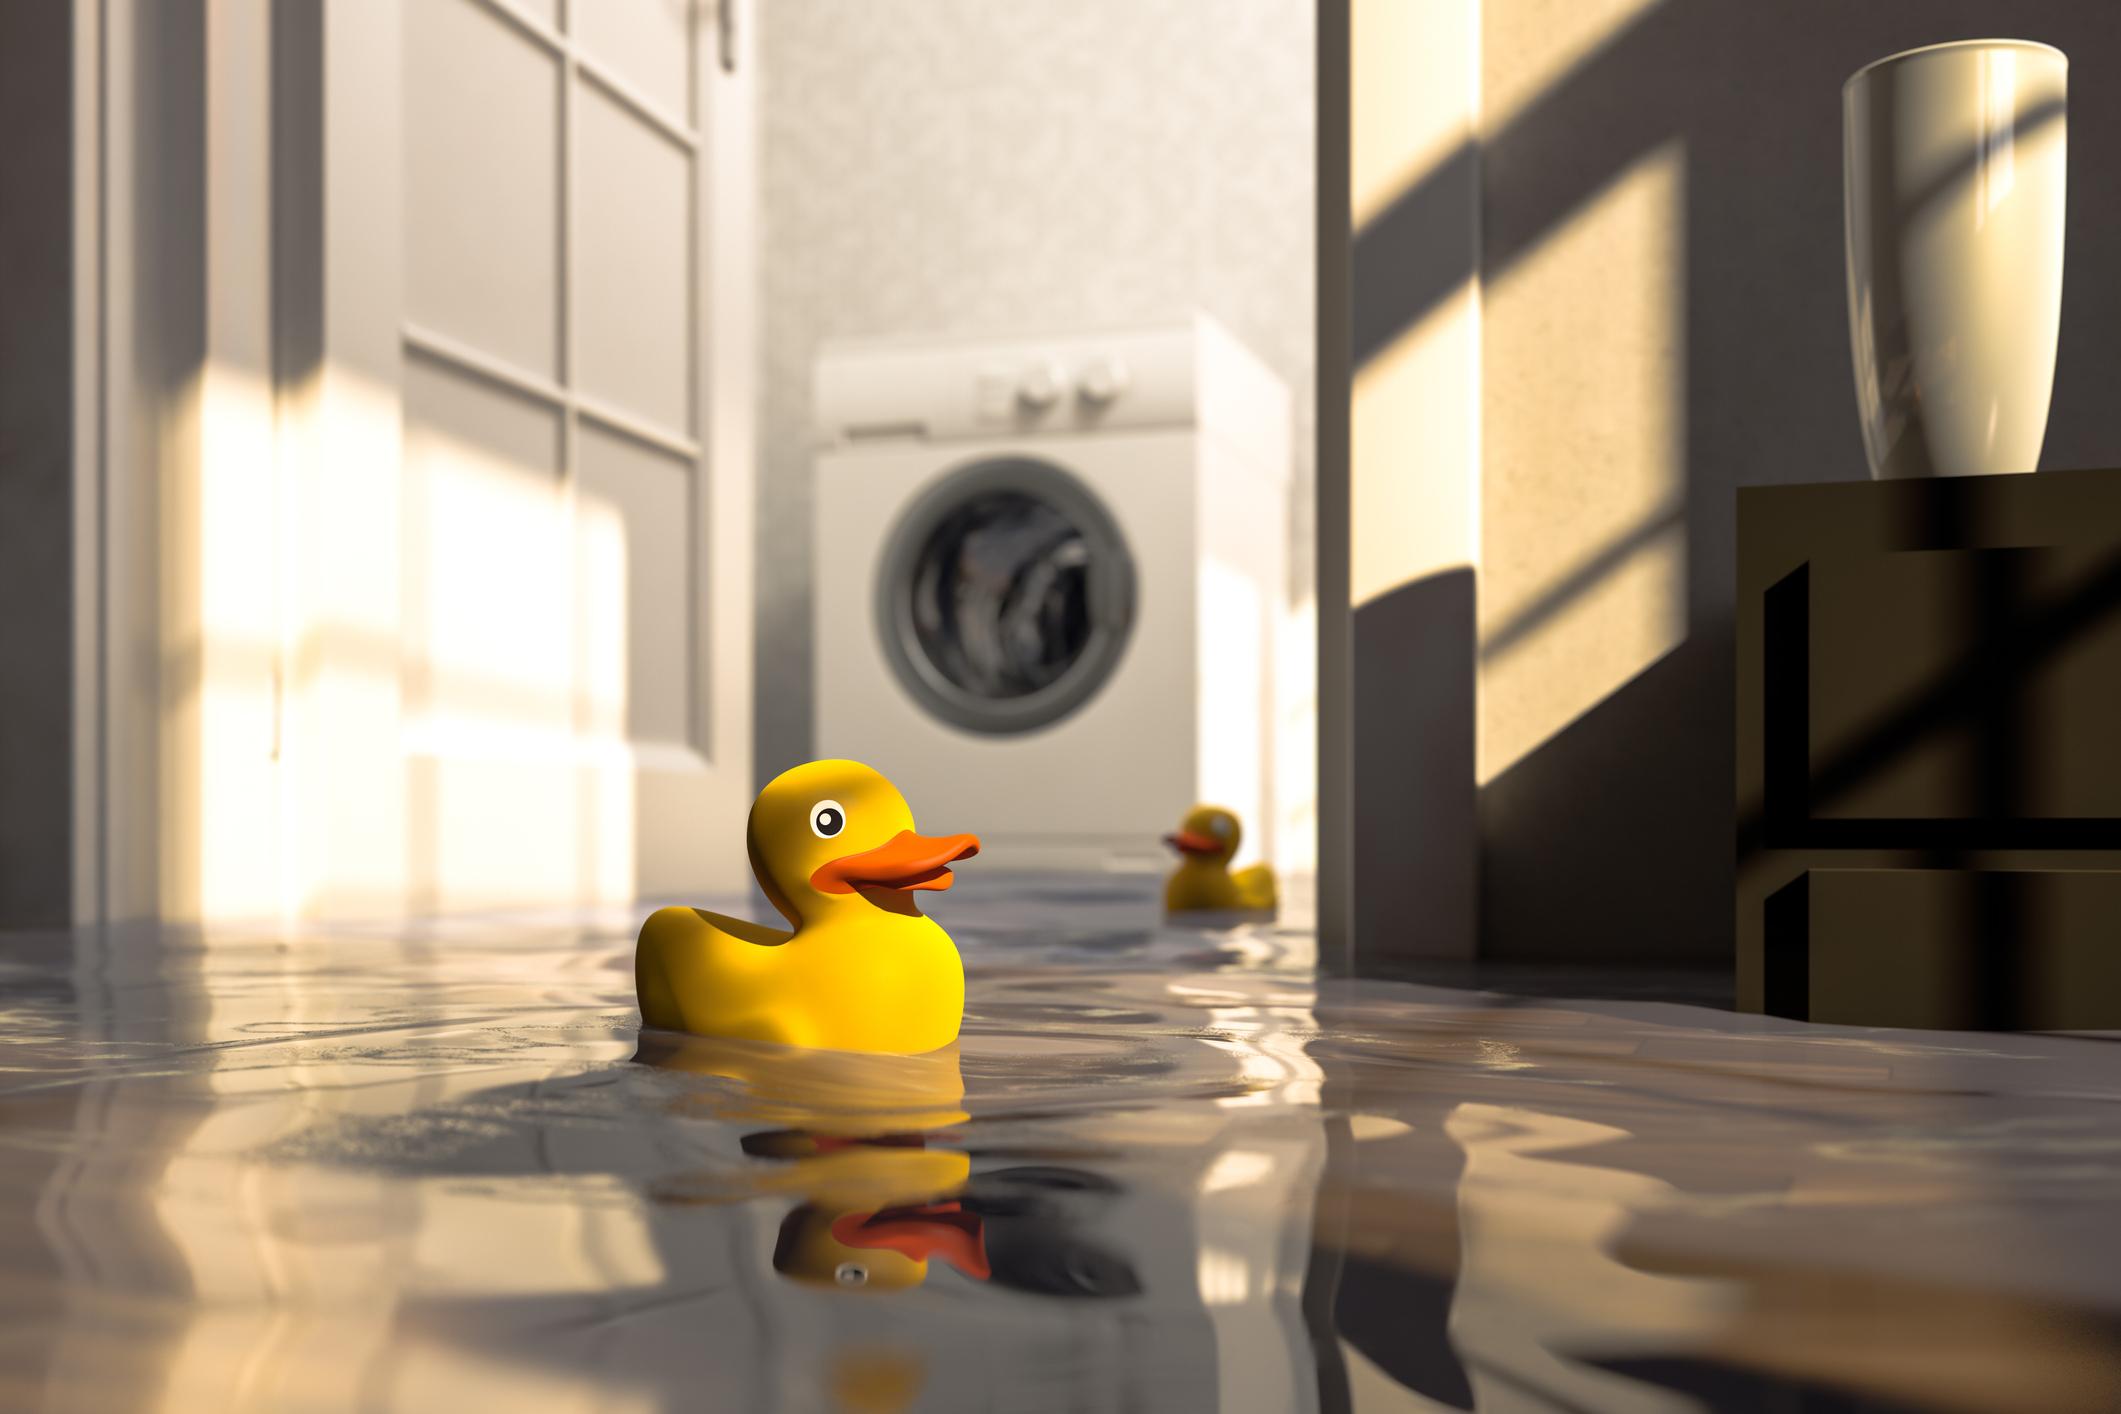 SOS inundação em casa: o que fazer